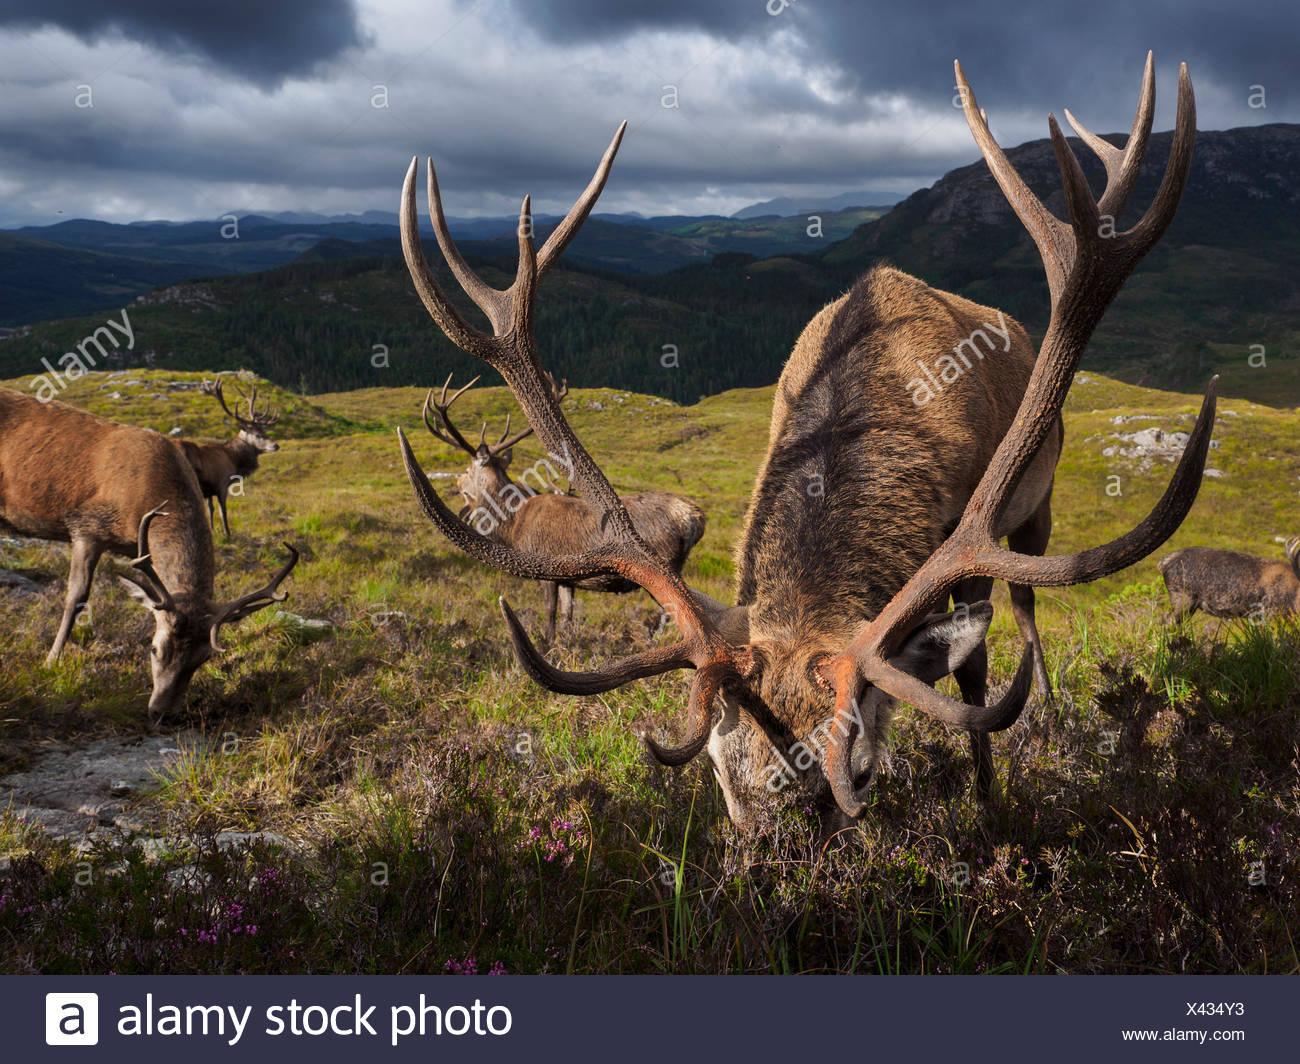 Die Hirsche Bevölkerung Reraig Wald sind durch Wildhüter zu geweih Wachstum geführt. Stockbild